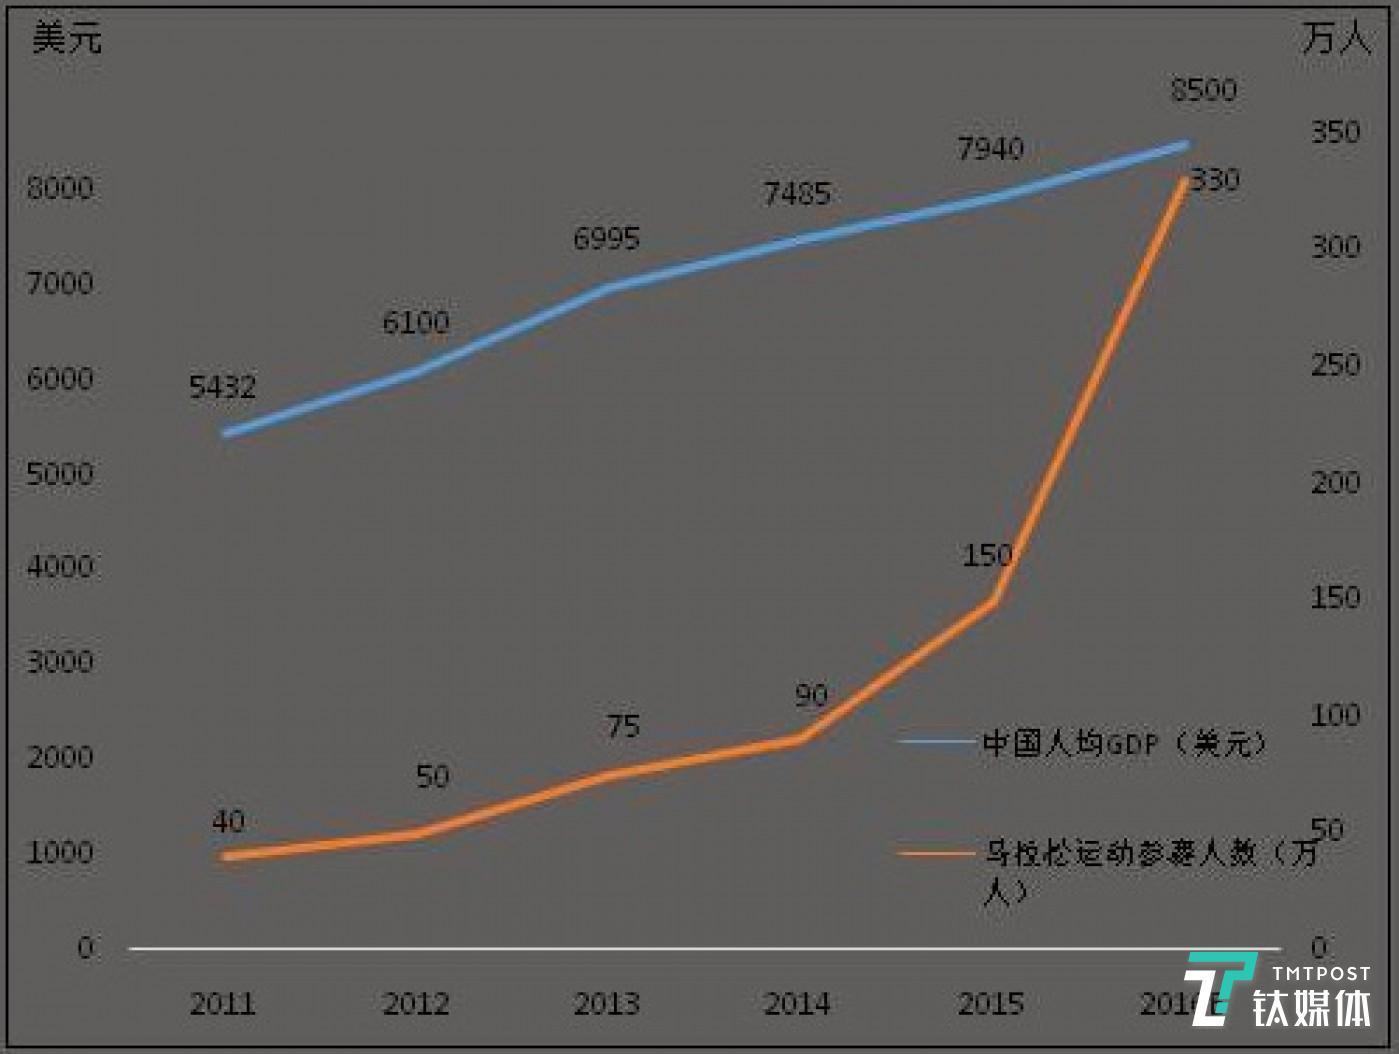 中国迎来了路跑赛事的井喷